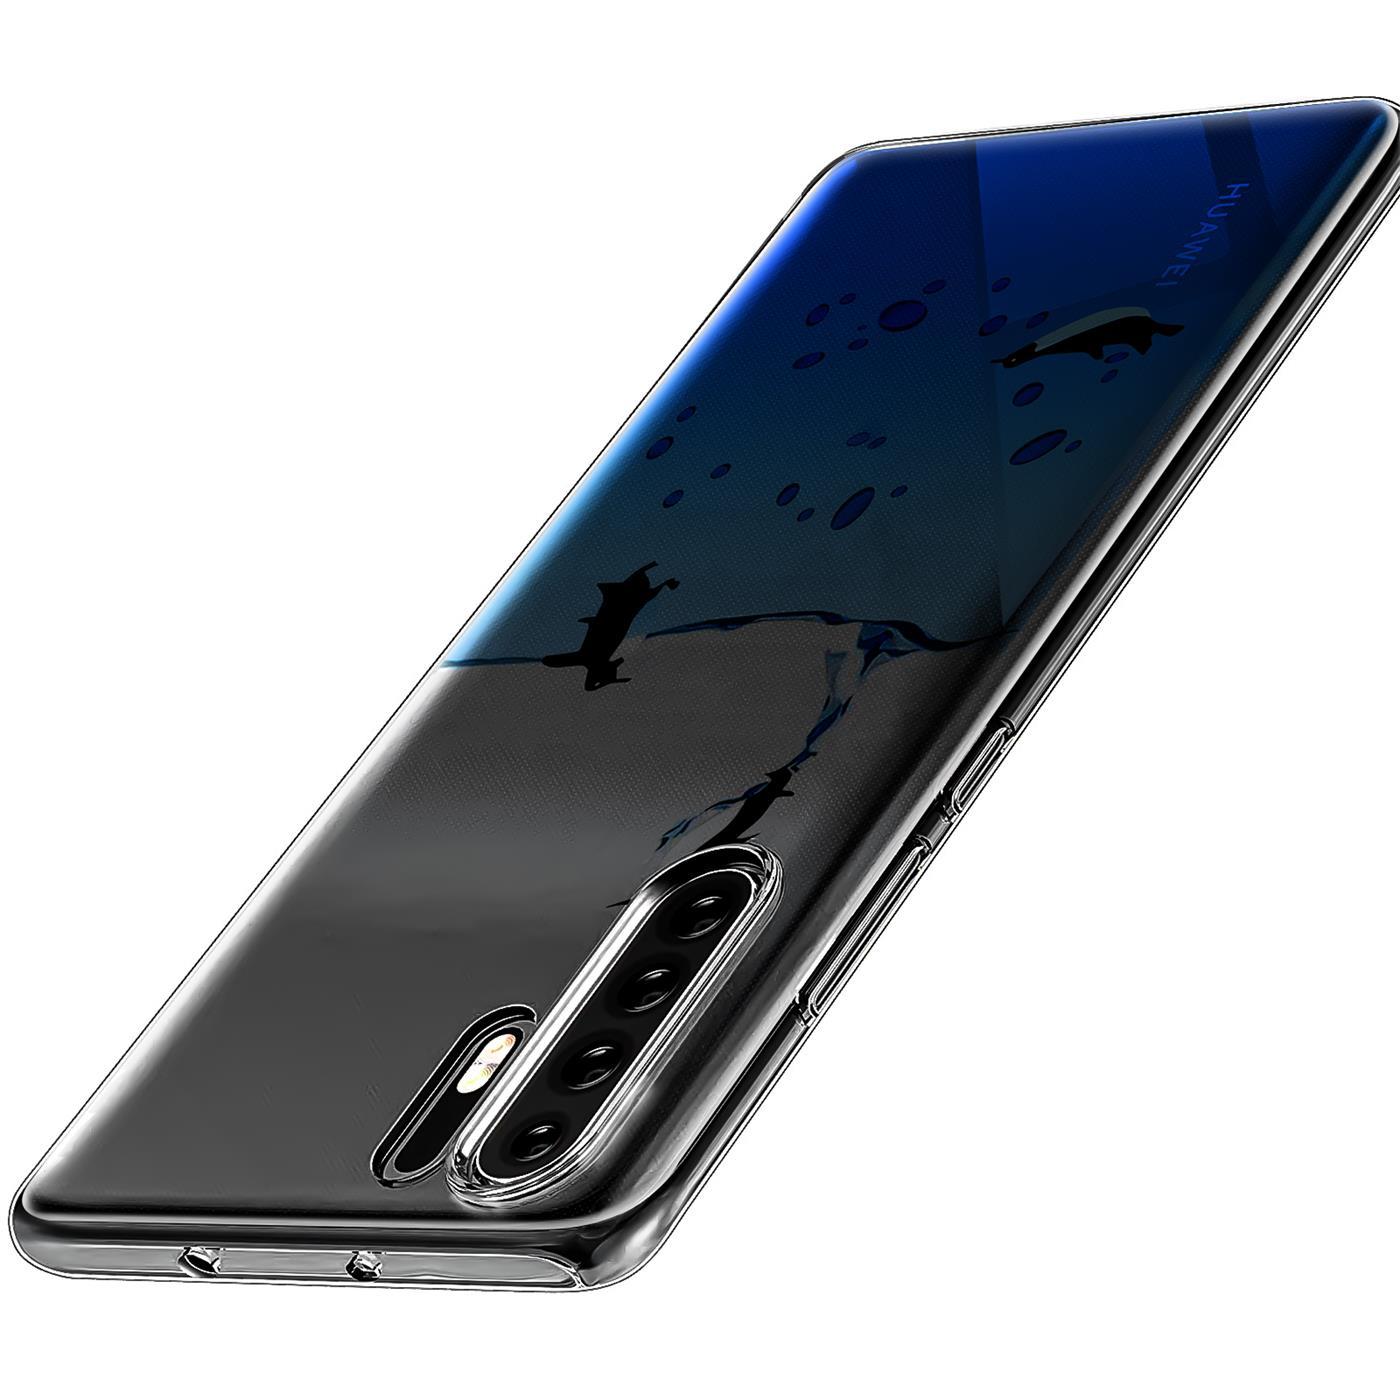 Huawei-P30-Lite-Motiv-Handy-Huelle-Silikon-Tasche-Schutzhuelle-Cover-Slim-TPU-Case Indexbild 25